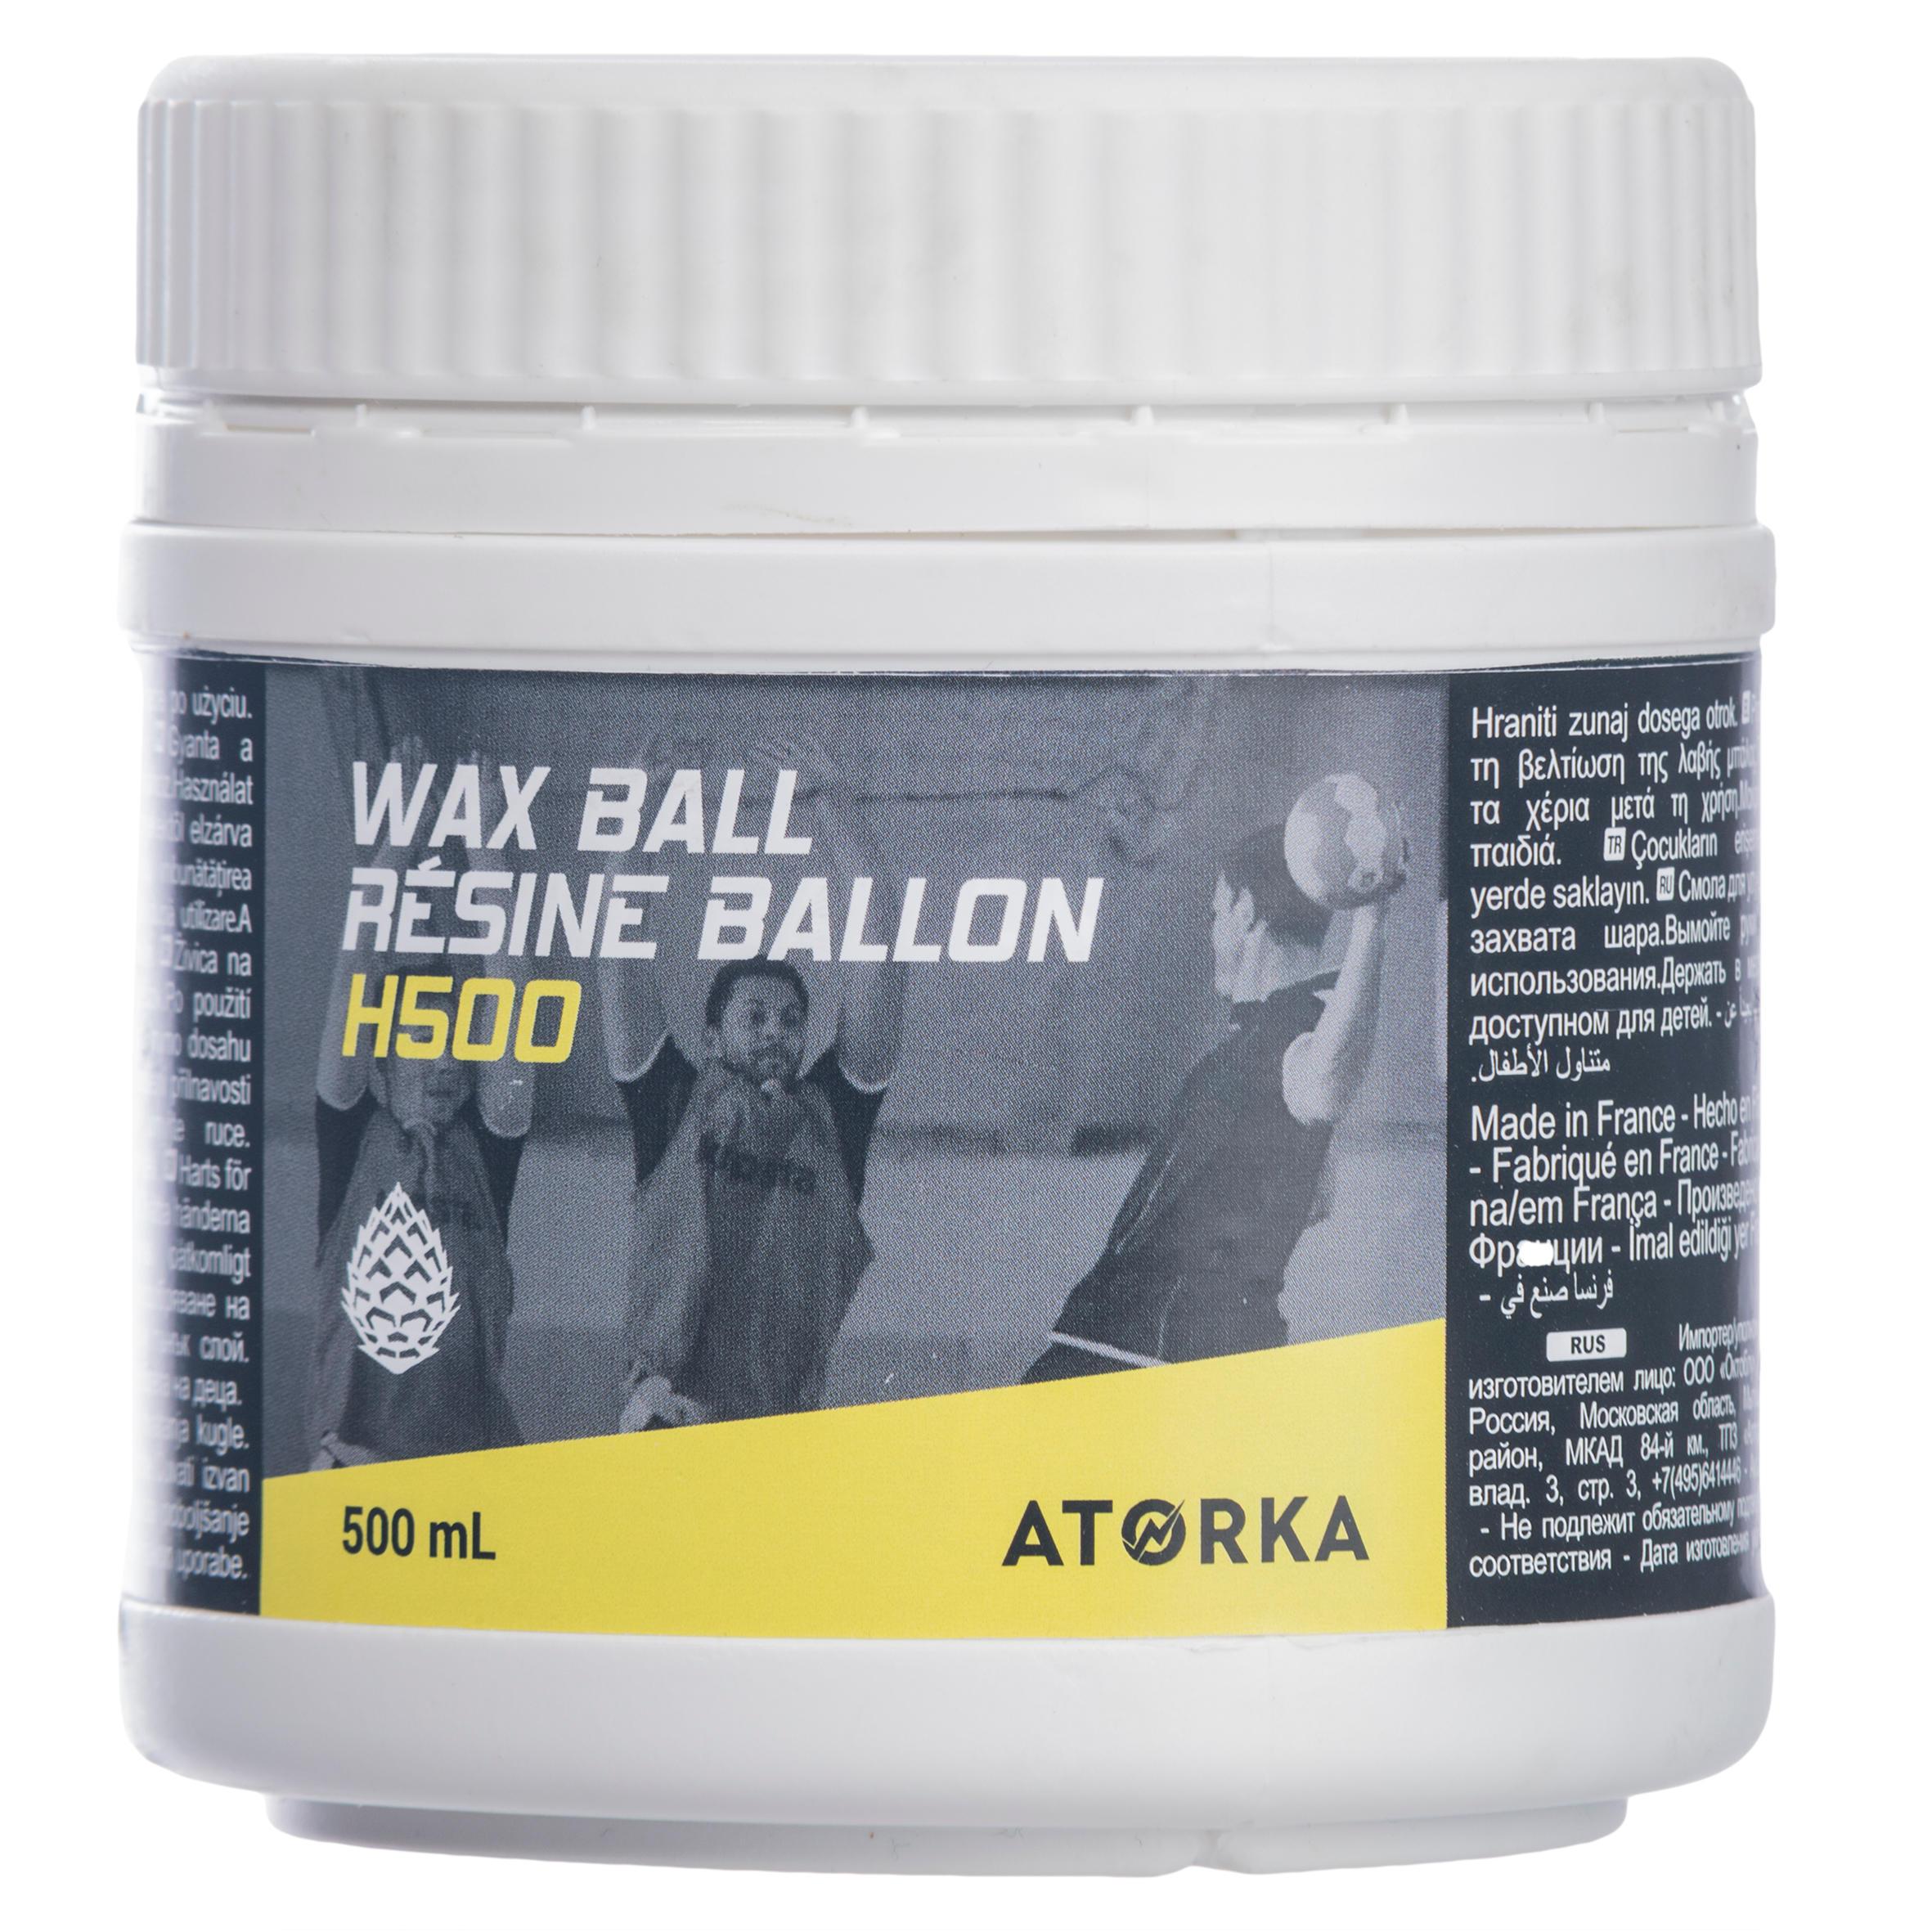 Atorka Handbal hars 500 ml wit